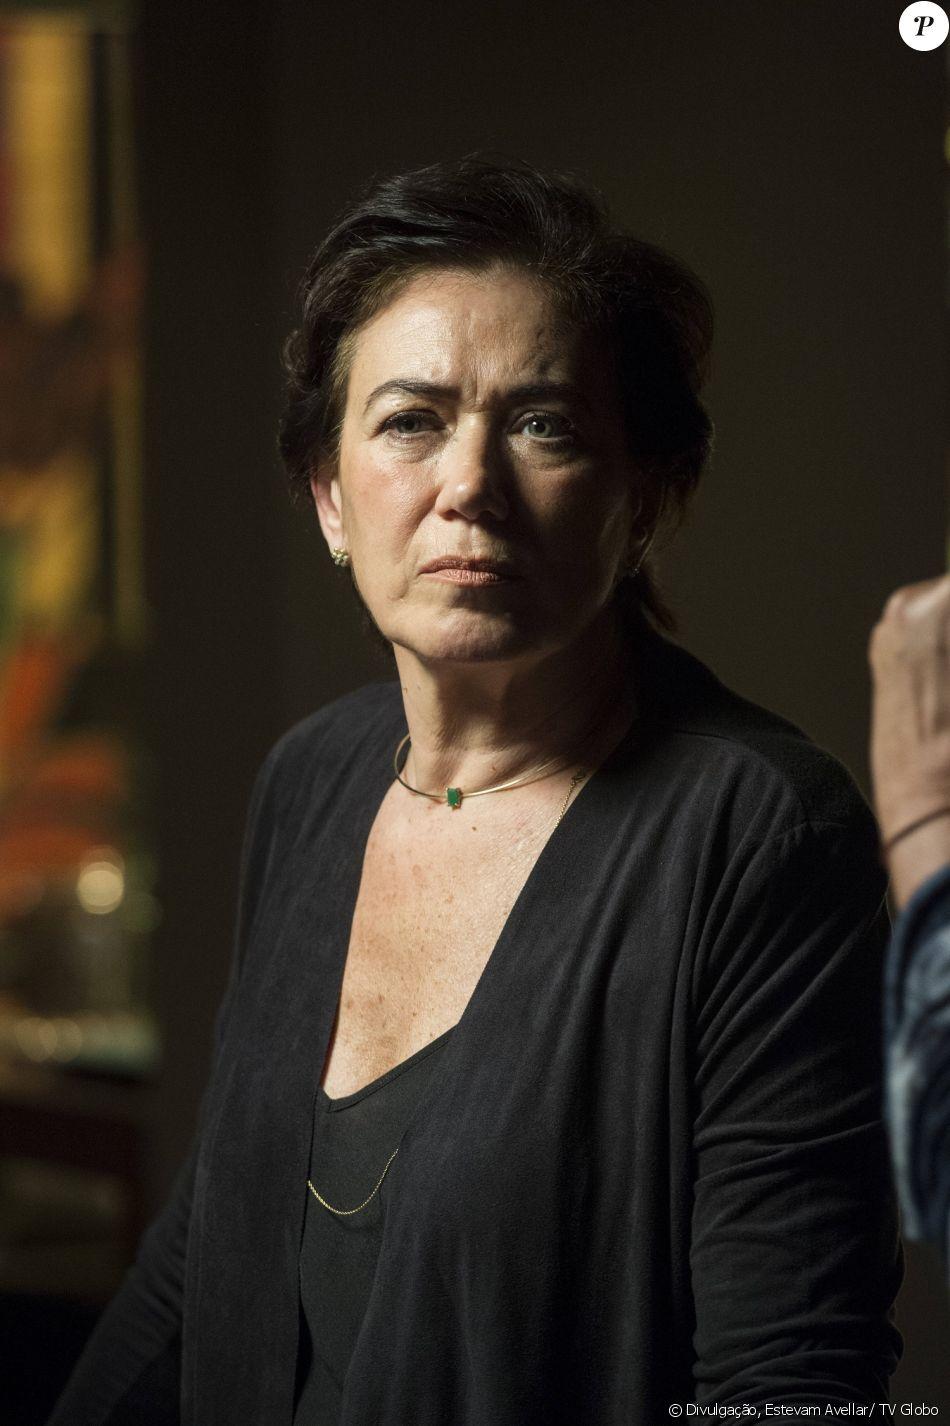 Silvana (Lilia Cabral) compra celular contrabandeado em clínica de reabilitação com cheque furtado da empresa, falsificando assinatura do marido, na novela 'A Força do Querer', em 29 de agosto de 2017